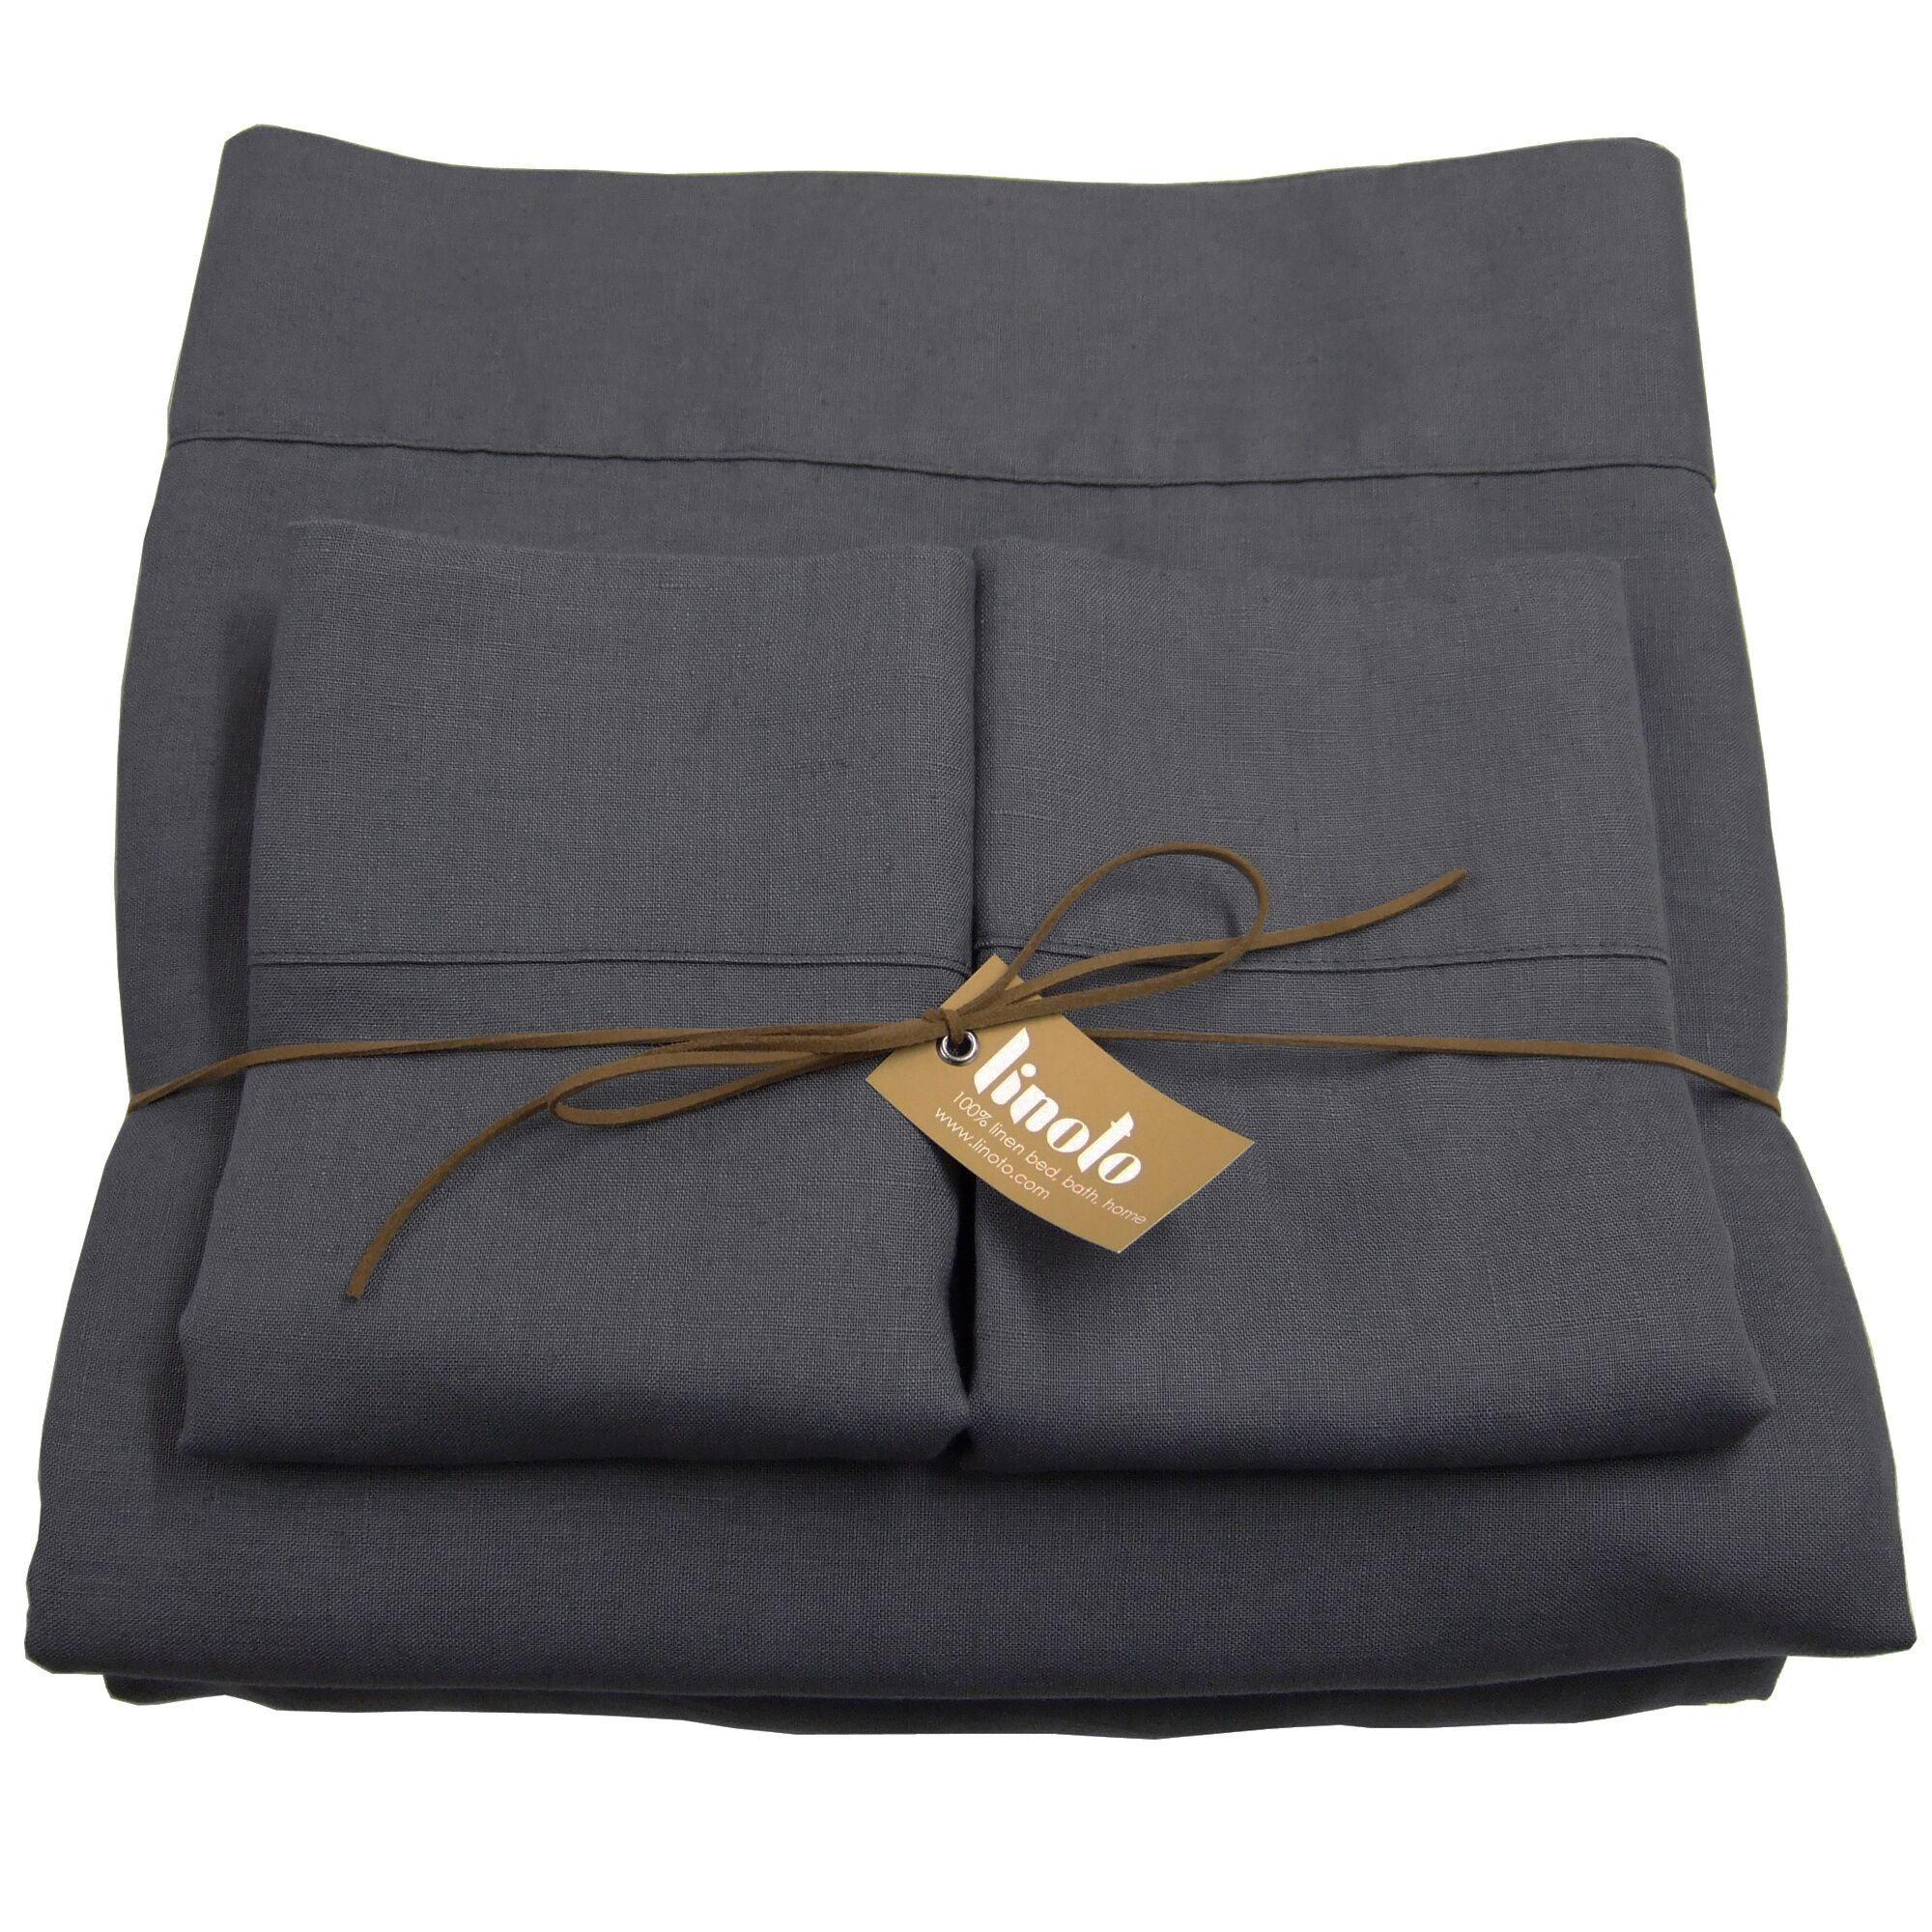 Linen Sheet Set Size: Full/Double, Color: Graphite